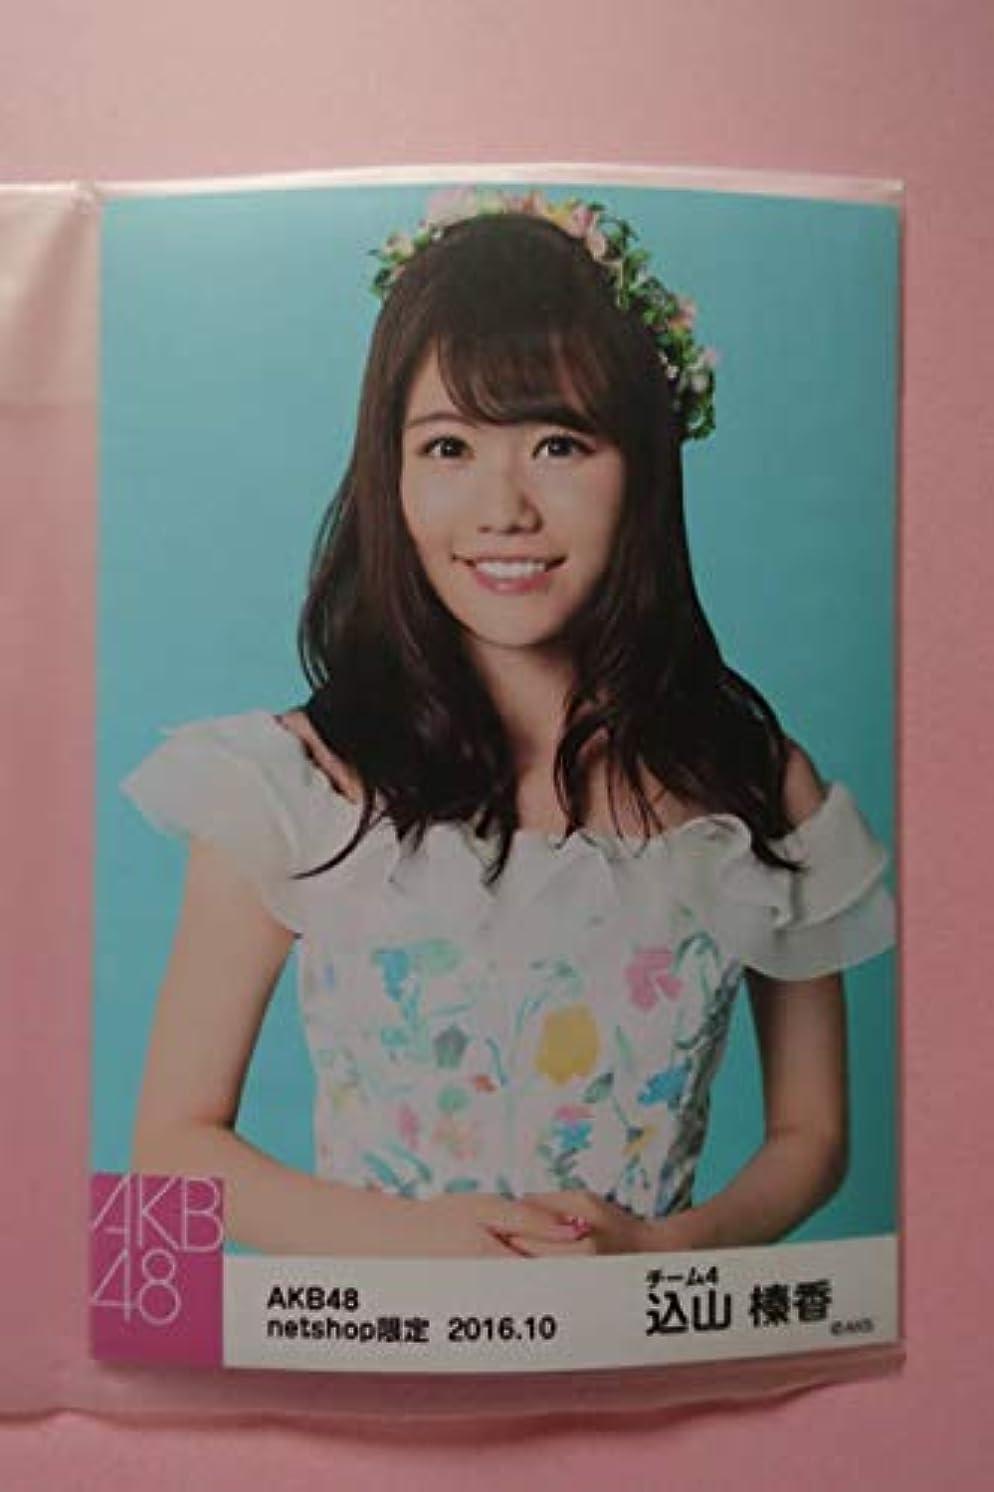 呼吸する娯楽祈るAKB48 個別生写真5枚セット 2016.10 山榛香